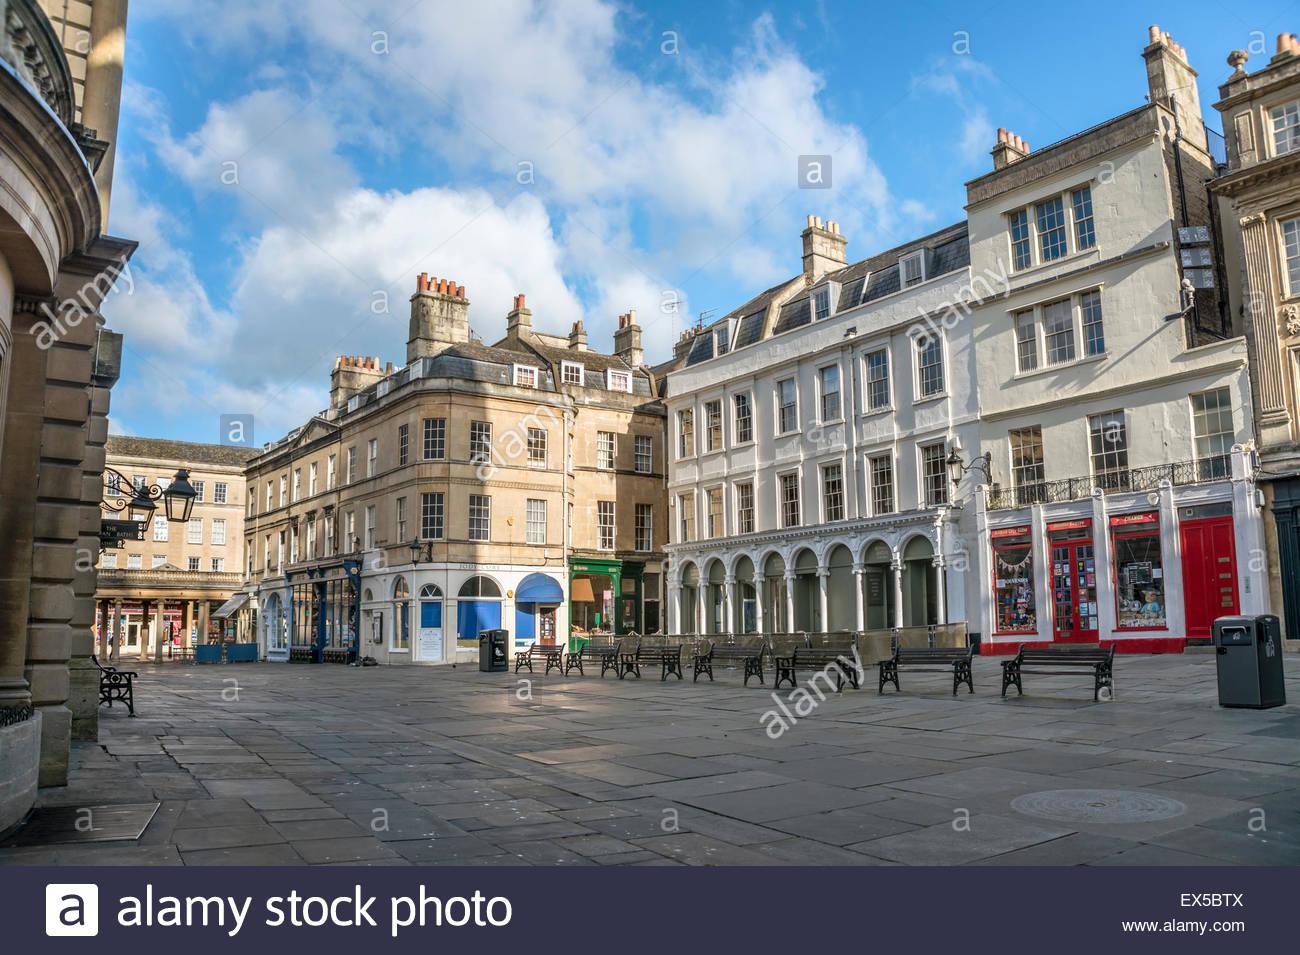 Abbey Churchyard in the historic city center of Bath, Somerset, England   Abbey Church Yard im Stadtzentrum von - Stock Image